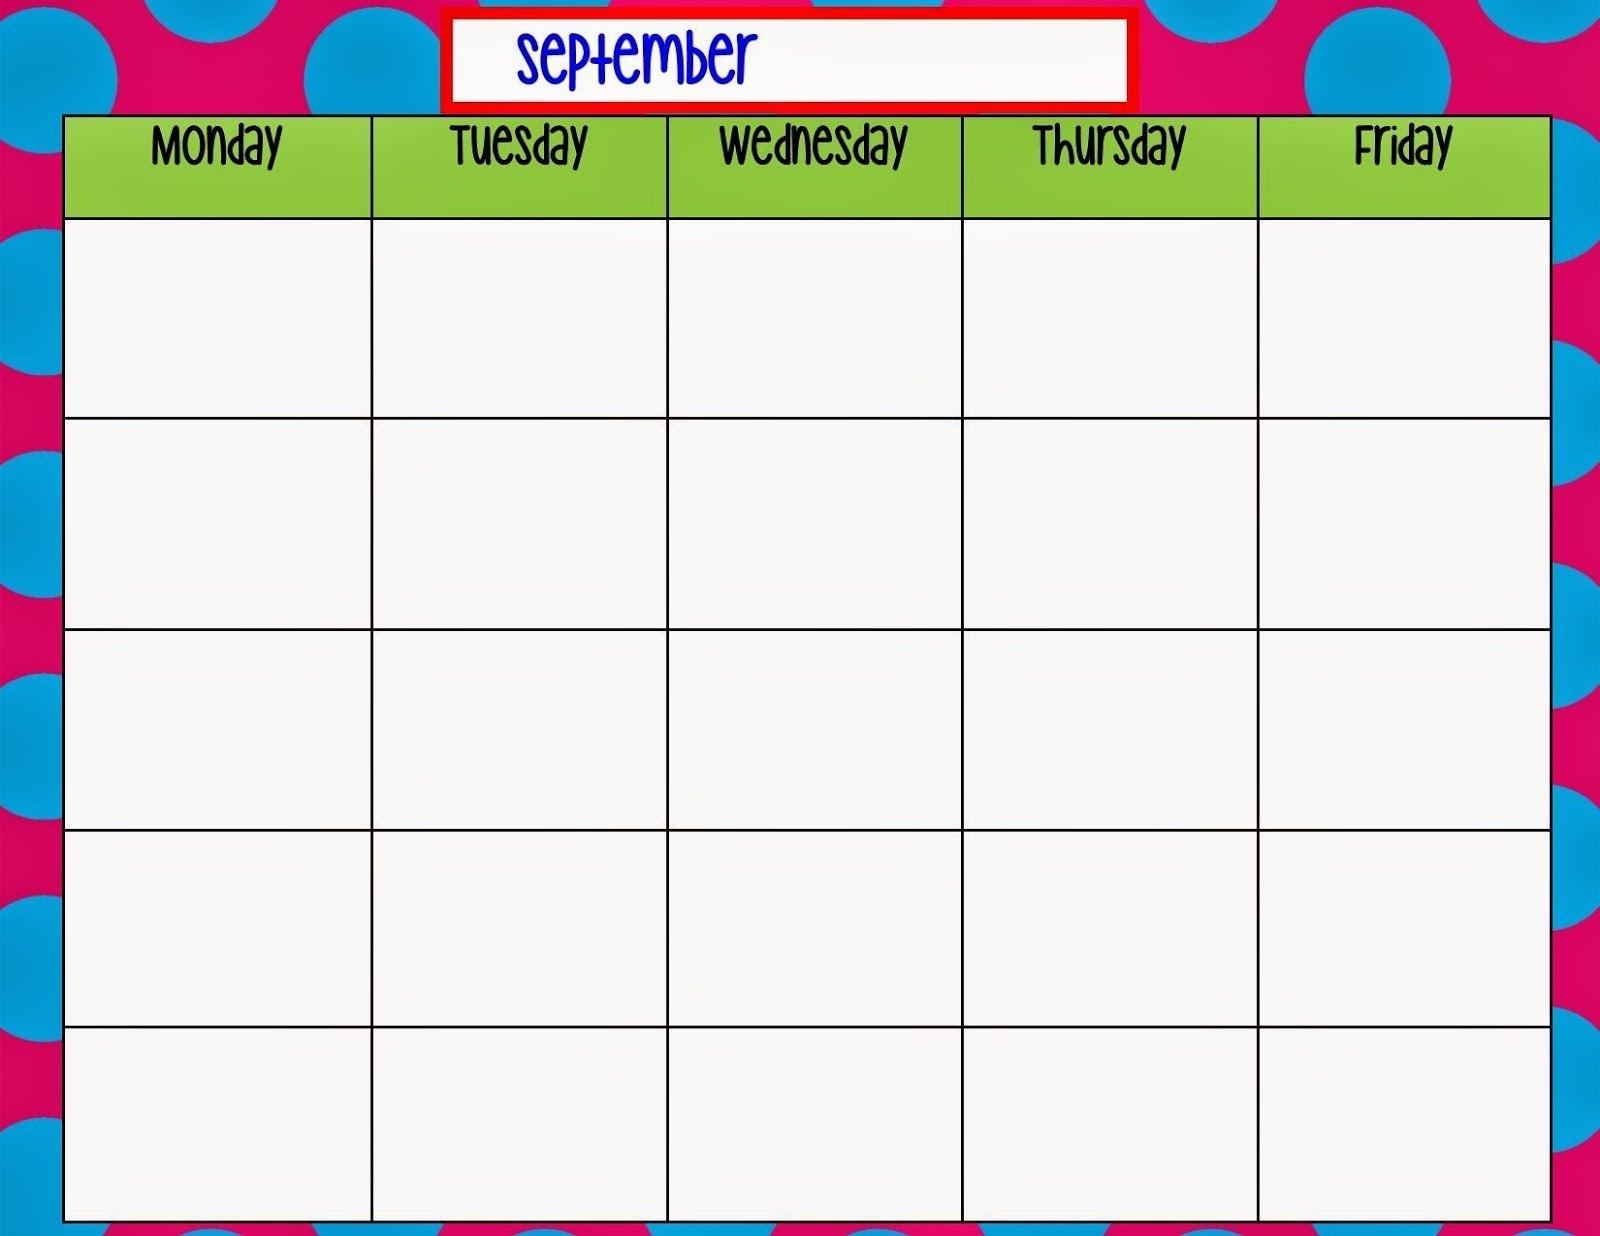 Monday Through Friday Calendar Template | Preschool | Printable in Monday Through Friday Schedule Printable